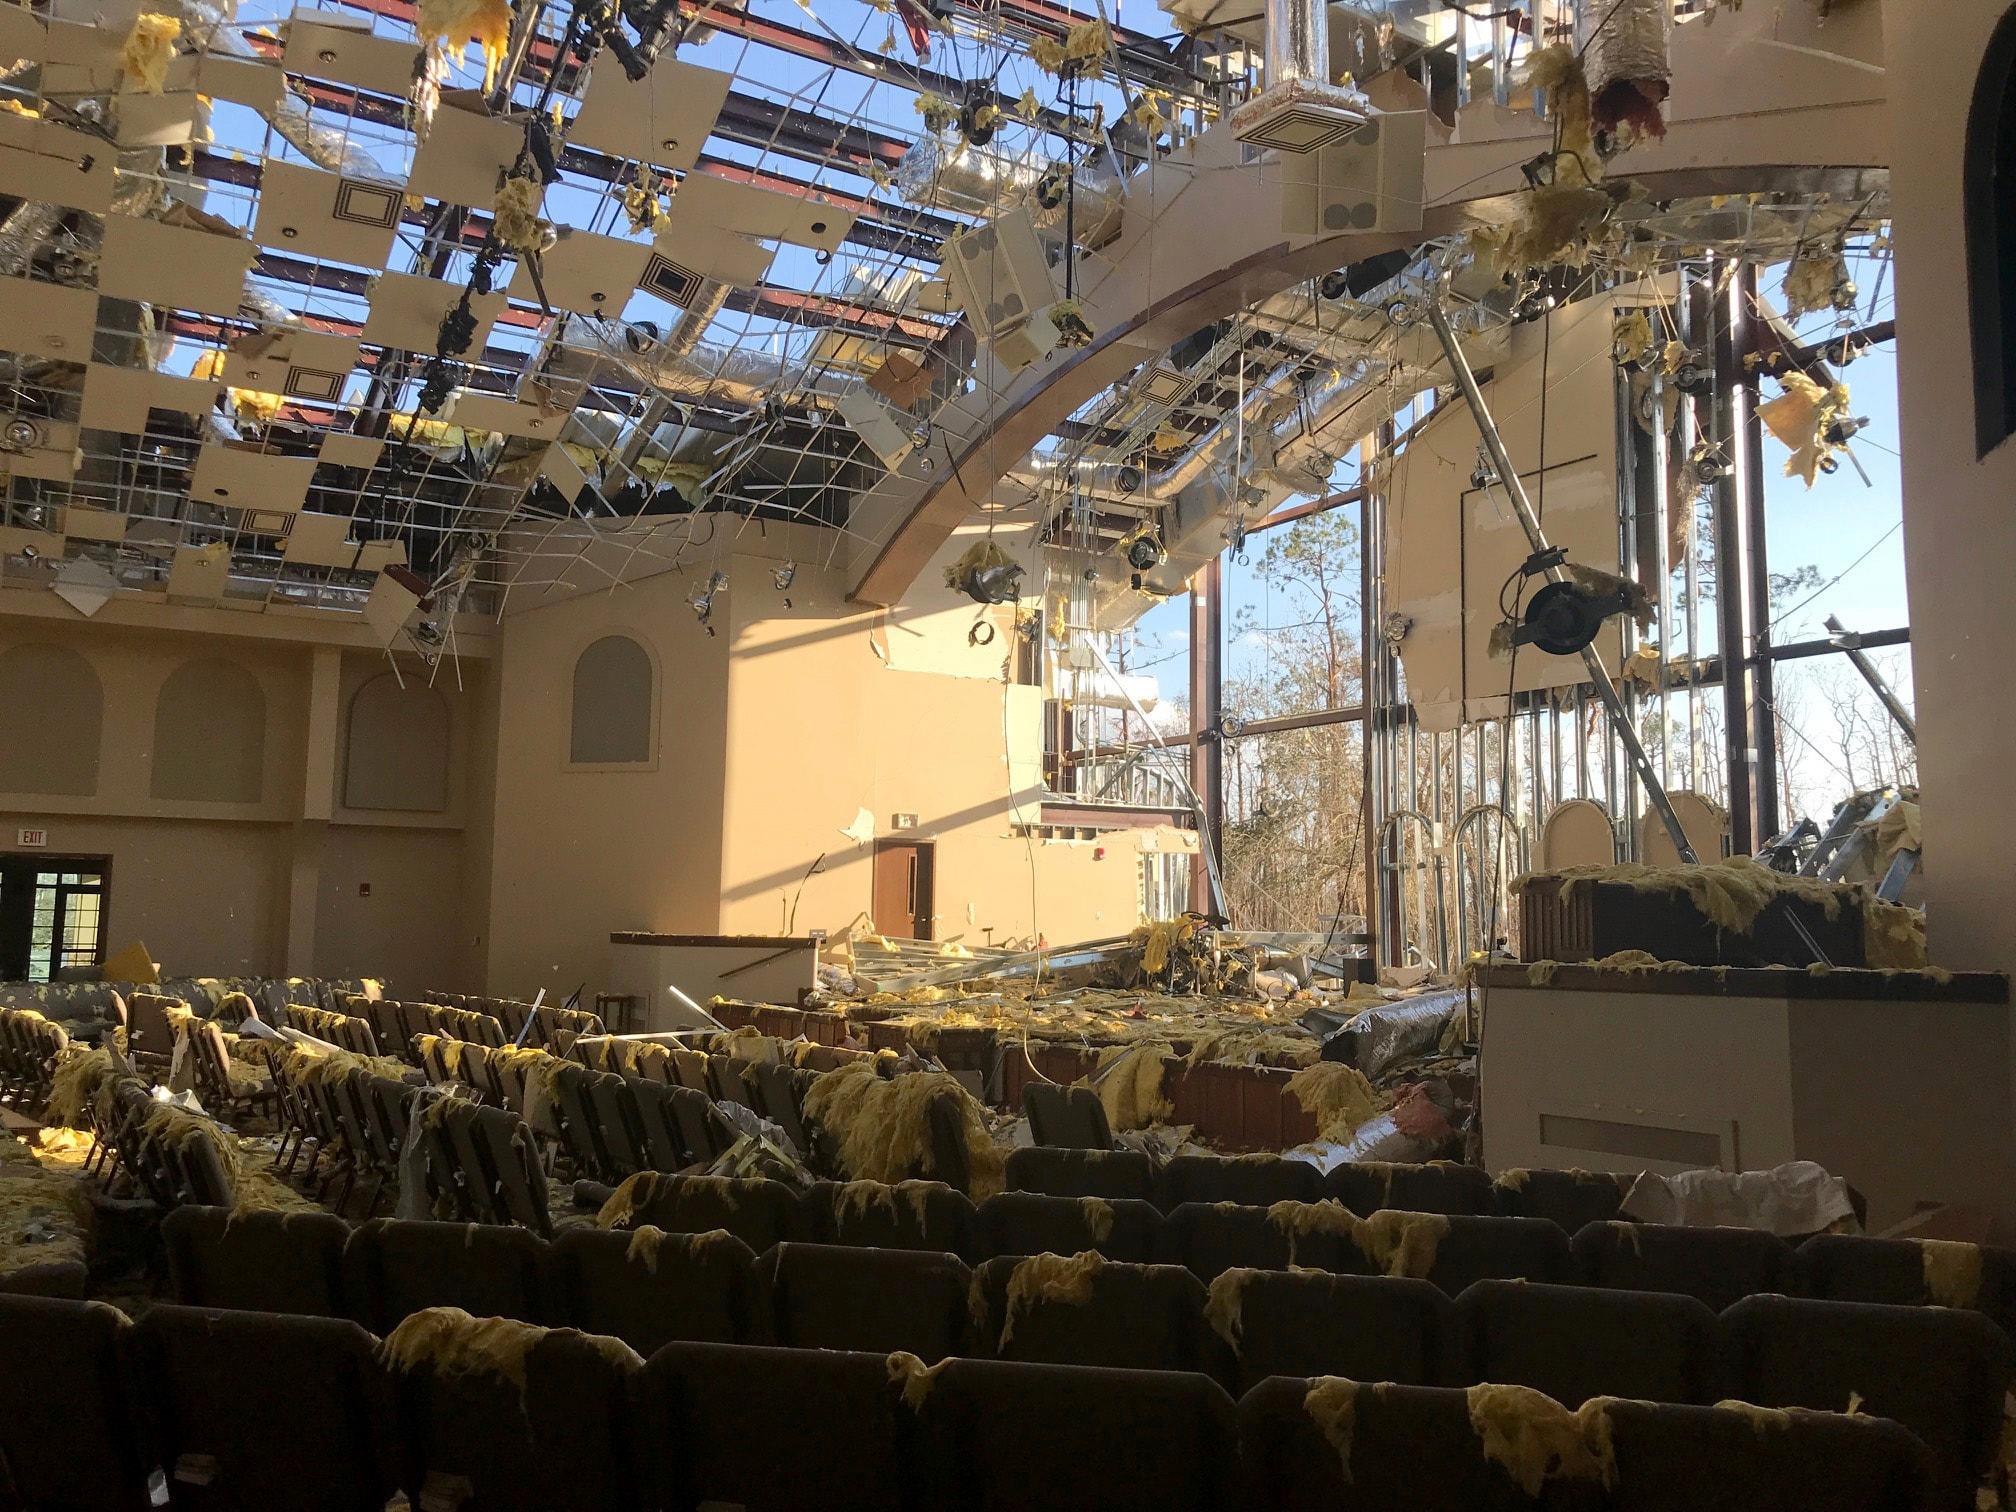 El santuario de la Iglesia Metodista Unida de Lynn Haven en la ciudad de Panamá, estado de Florida, quedó a cielo abierto tras el huracán Michael en octubre de 2018. La asignación del Comité Metodista Unido de Auxilio (UMCOR) a la Conferencia Anual Alabama - Oeste de  Florida para la recuperación de huracanes, es de $ 27,6 millones aprobado por la agencia de socorro para la respuesta a desastres, el desarrollo sostenible, la migración global y el apoyo de Salud Global Foto de archivo cortesía de la Iglesia Metodista Unida Lynn Haven.